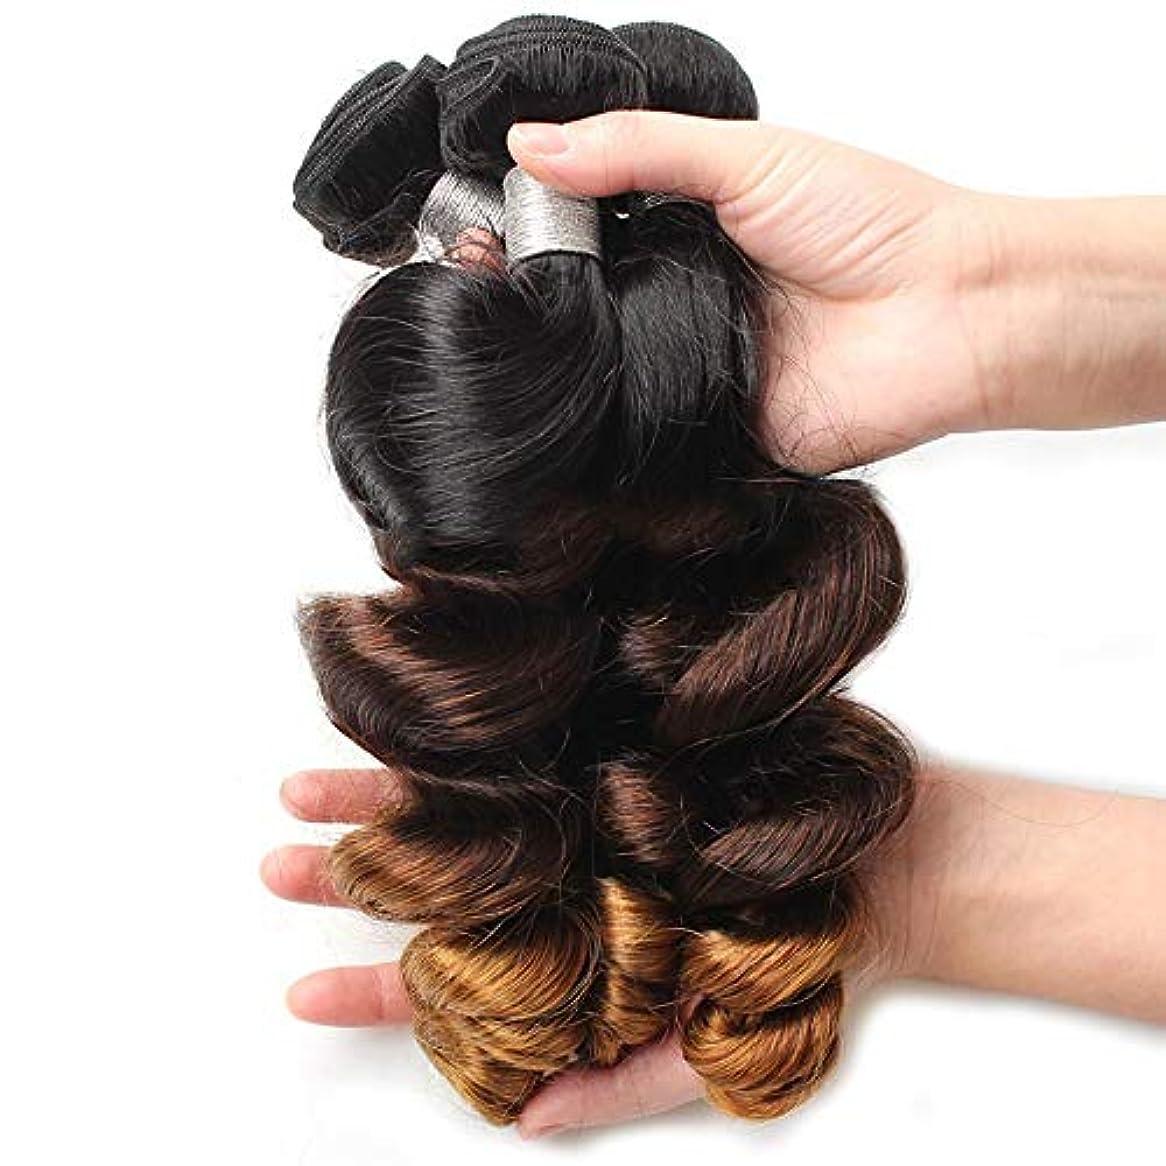 石灰岩差別的脱走HOHYLLYA ブラジルの緩い巻き髪織り人間の髪の束 - ライトブラウン3トーンカラーヘアエクステンションへの黒とダークブラウン(12